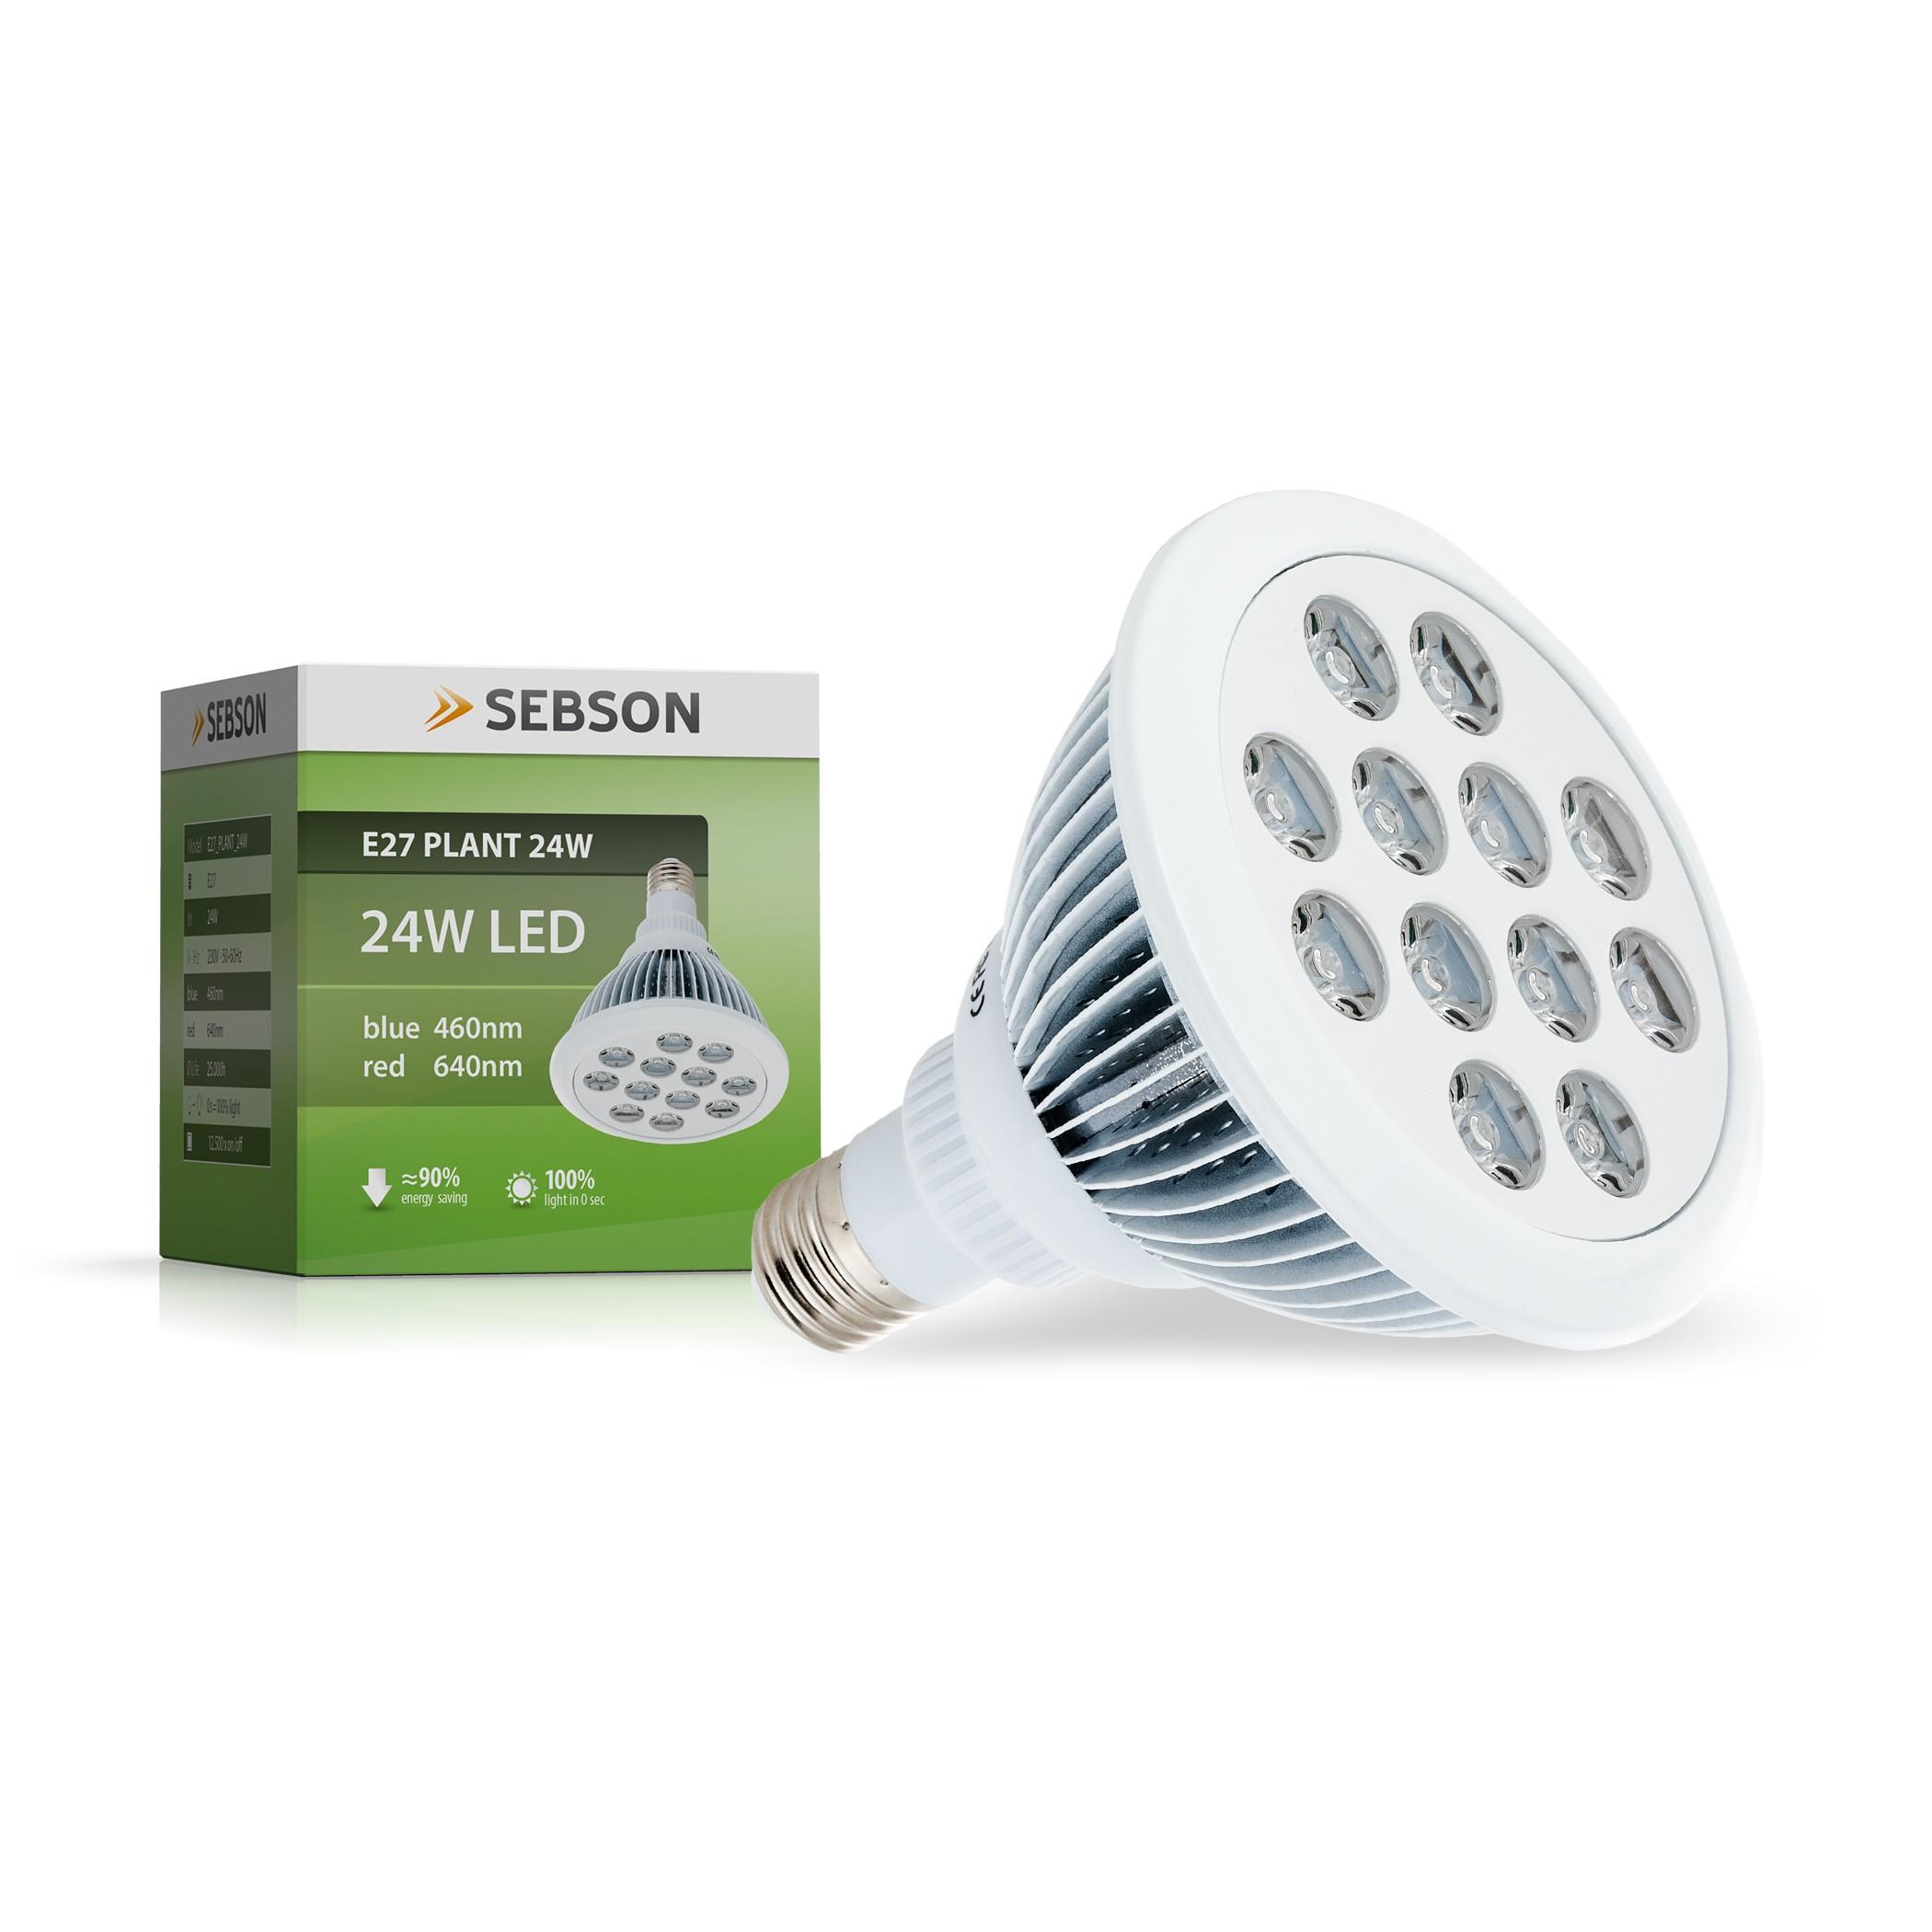 Pflanzenlampe E27 24W